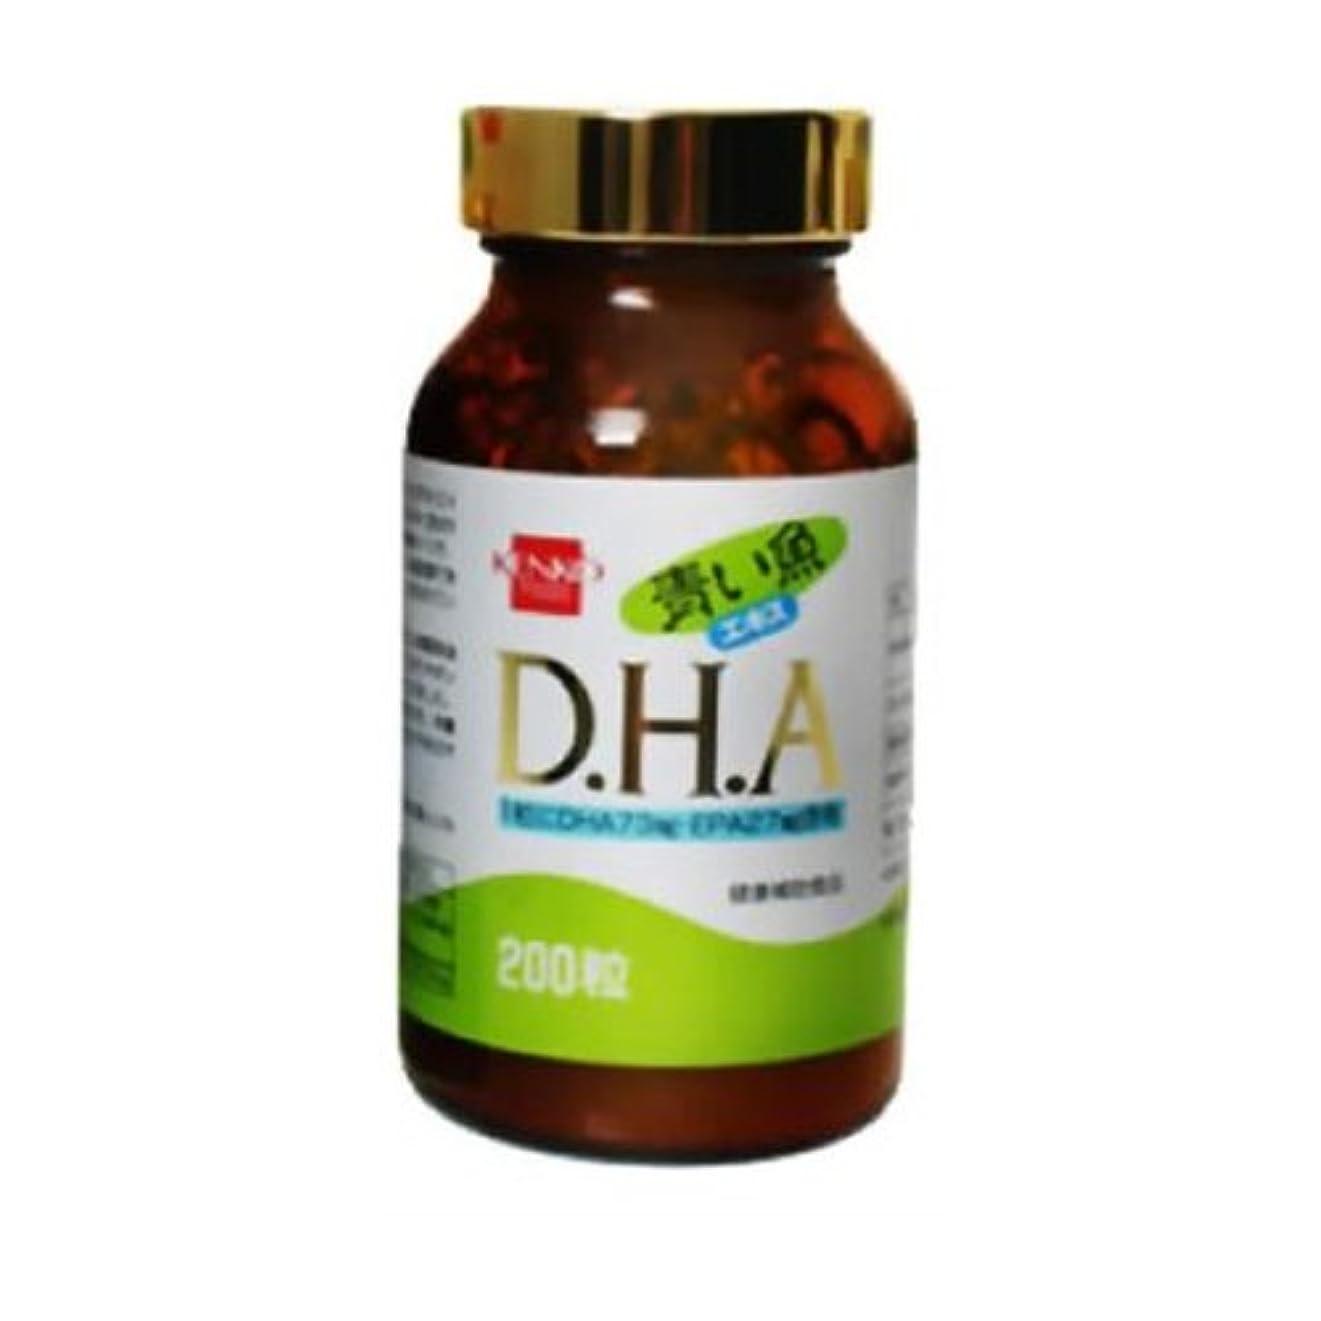 バッグ彼女は石青い魚エキス DHA EPA 200粒